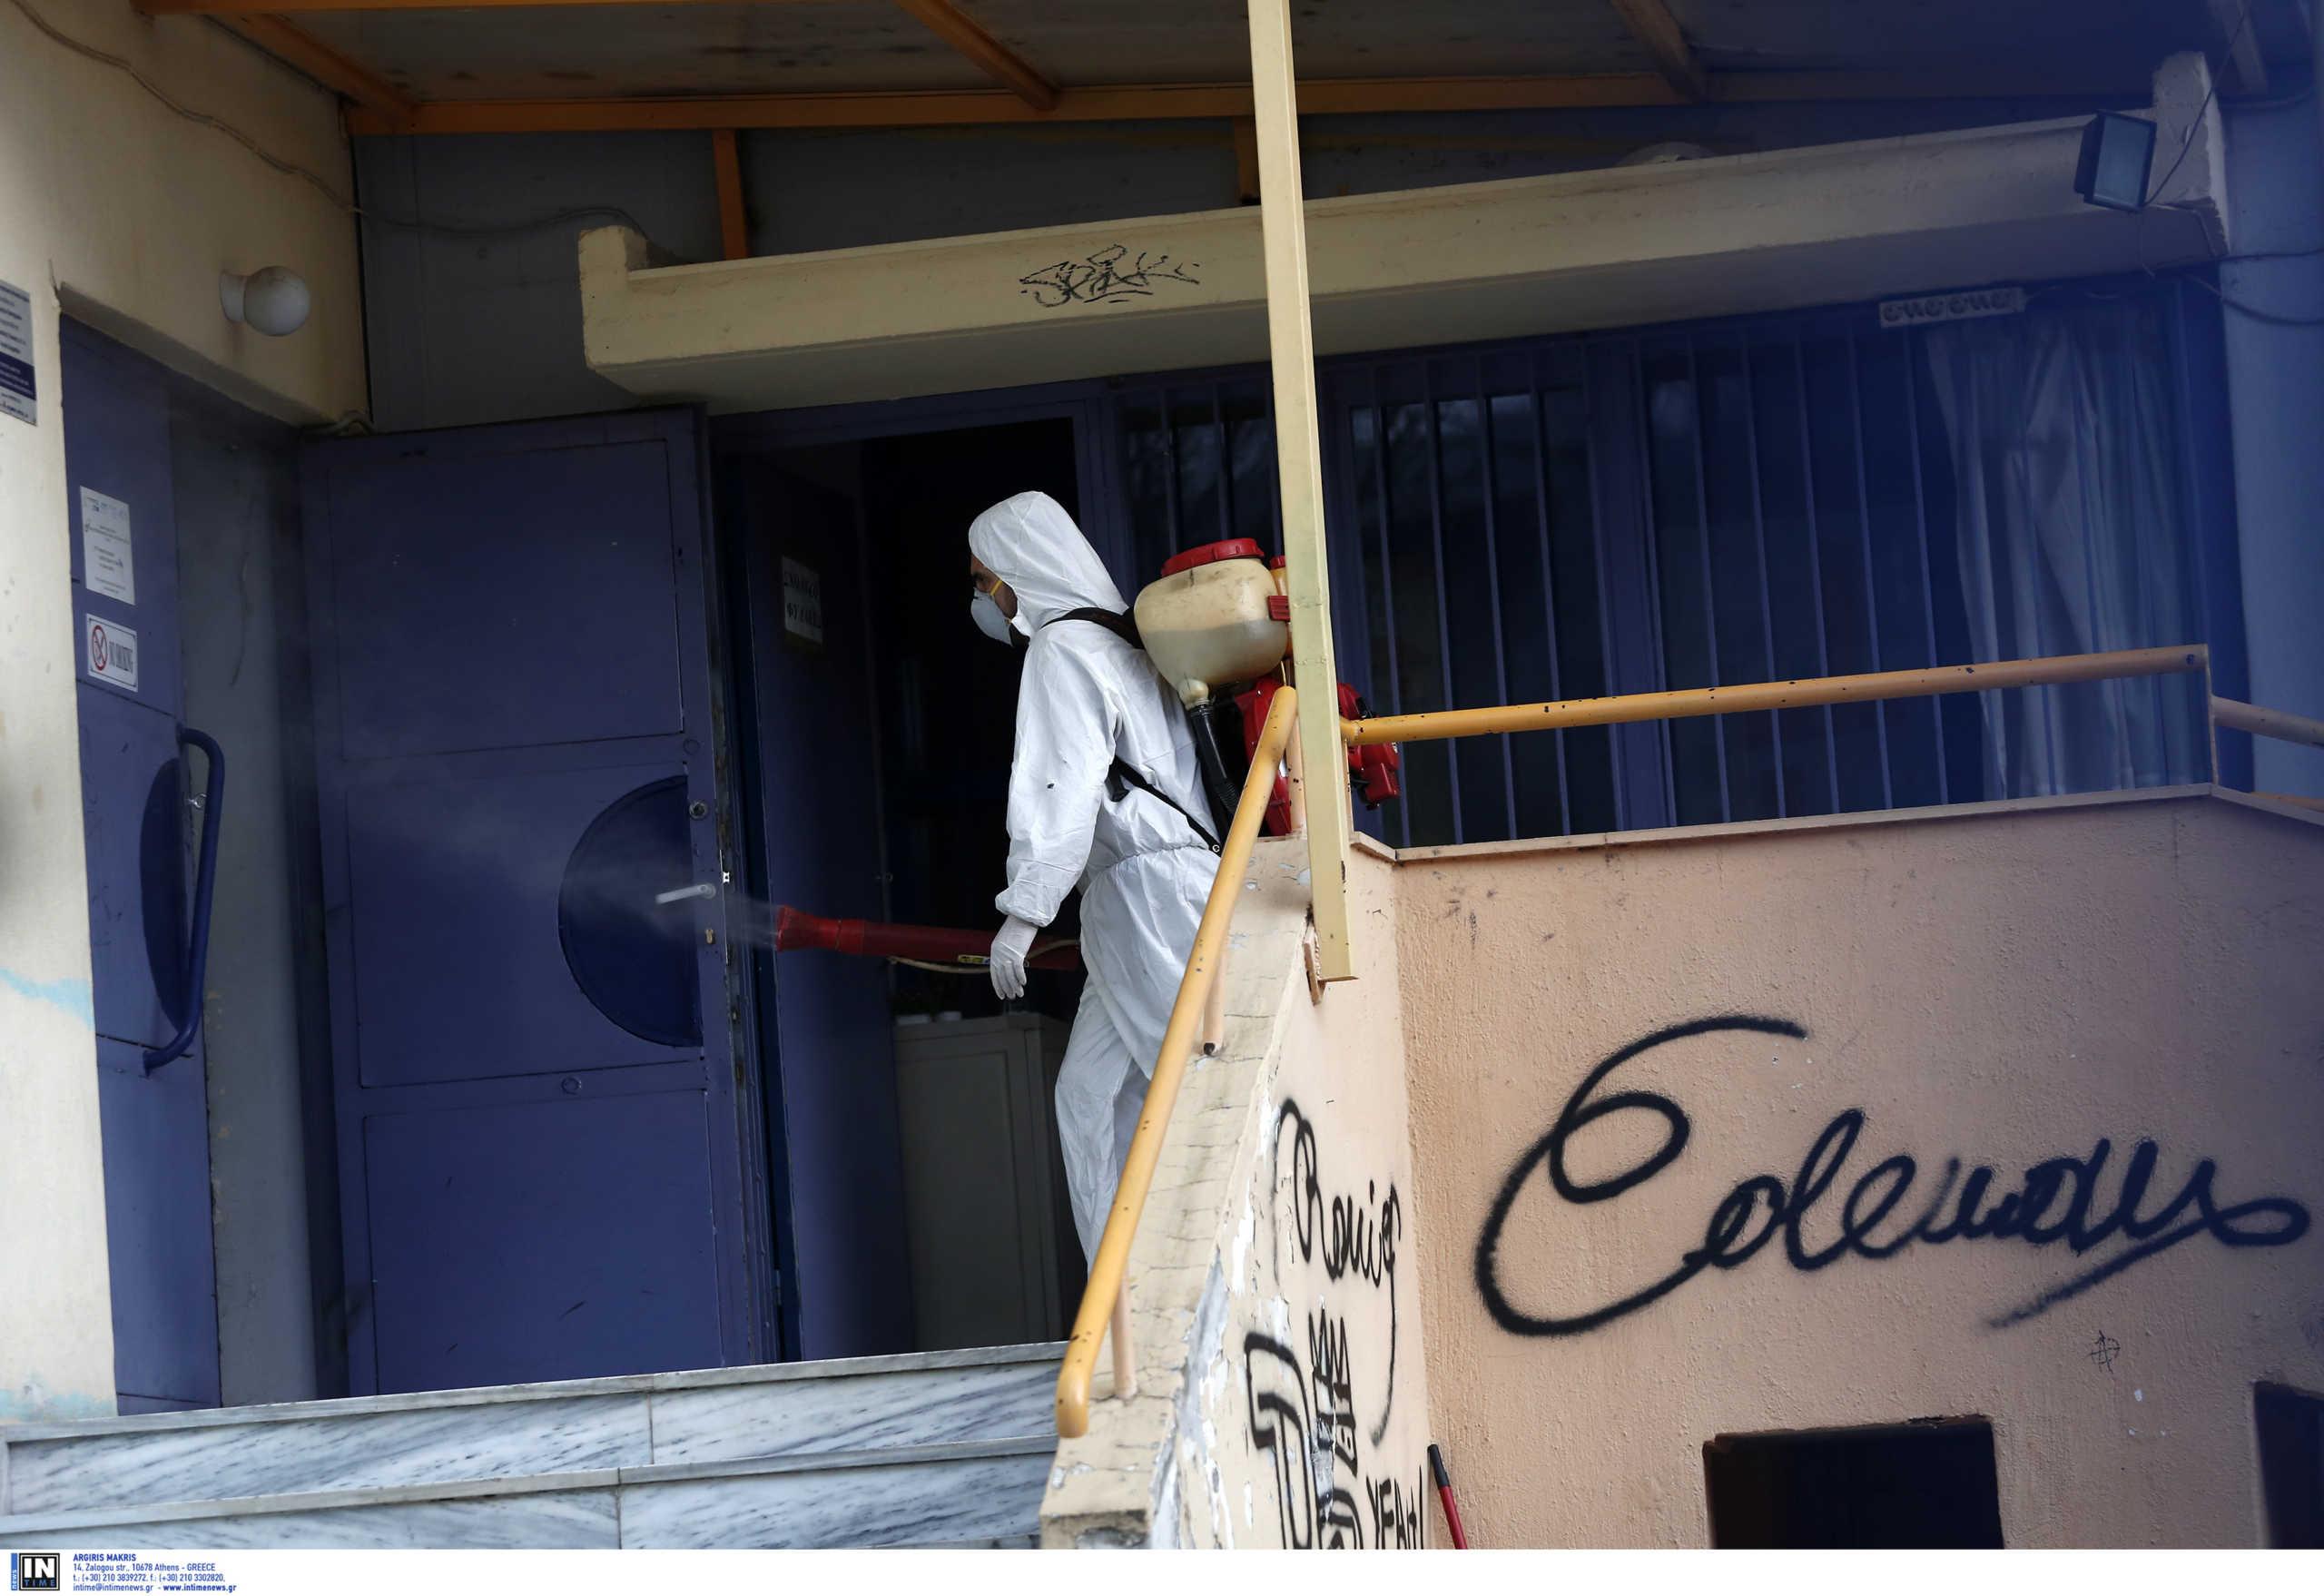 Κορονοϊός: Απολυμάνσεις σε σχολεία, παιδικούς σταθμούς και δημοτικά κτίρια στον δήμο Ιλίου